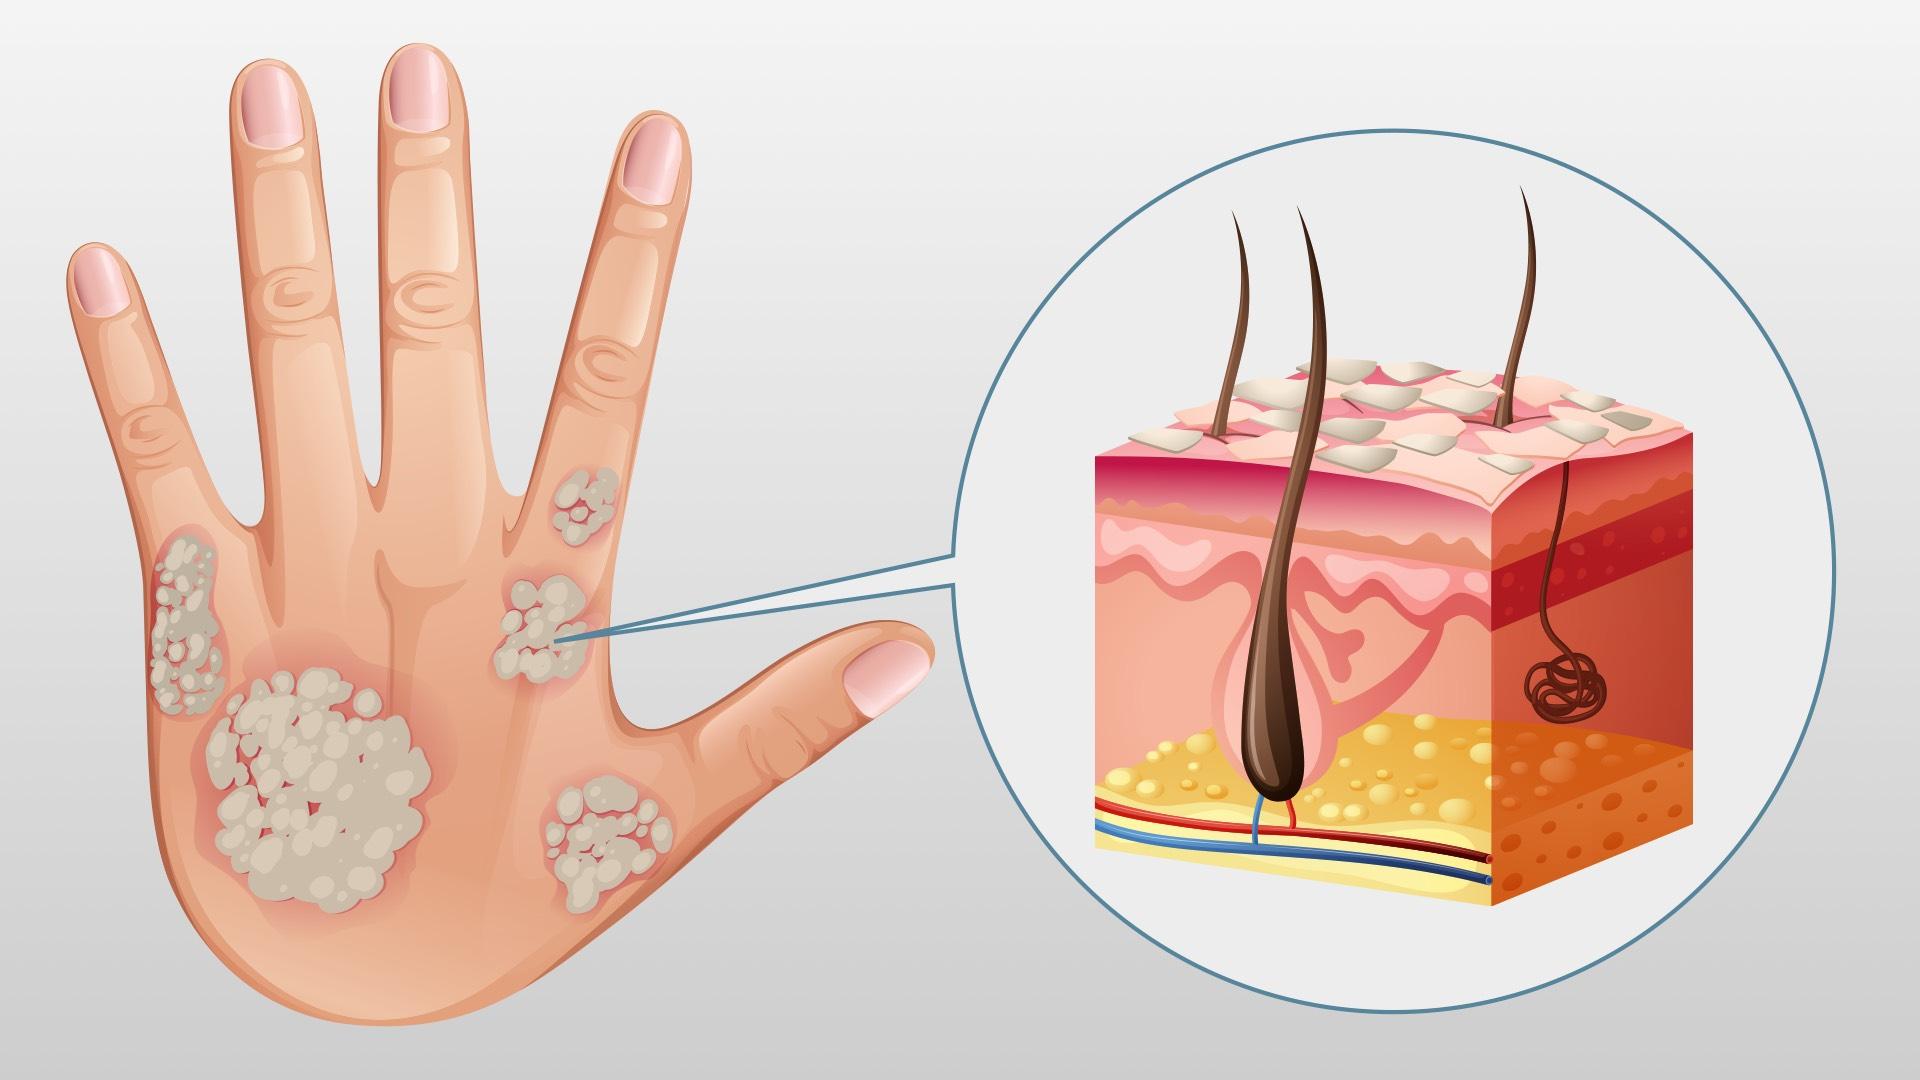 Frau kratzt sich aufgrund einer Psoriasiserkrankung am Handgelenk, die Haut ist gerötet